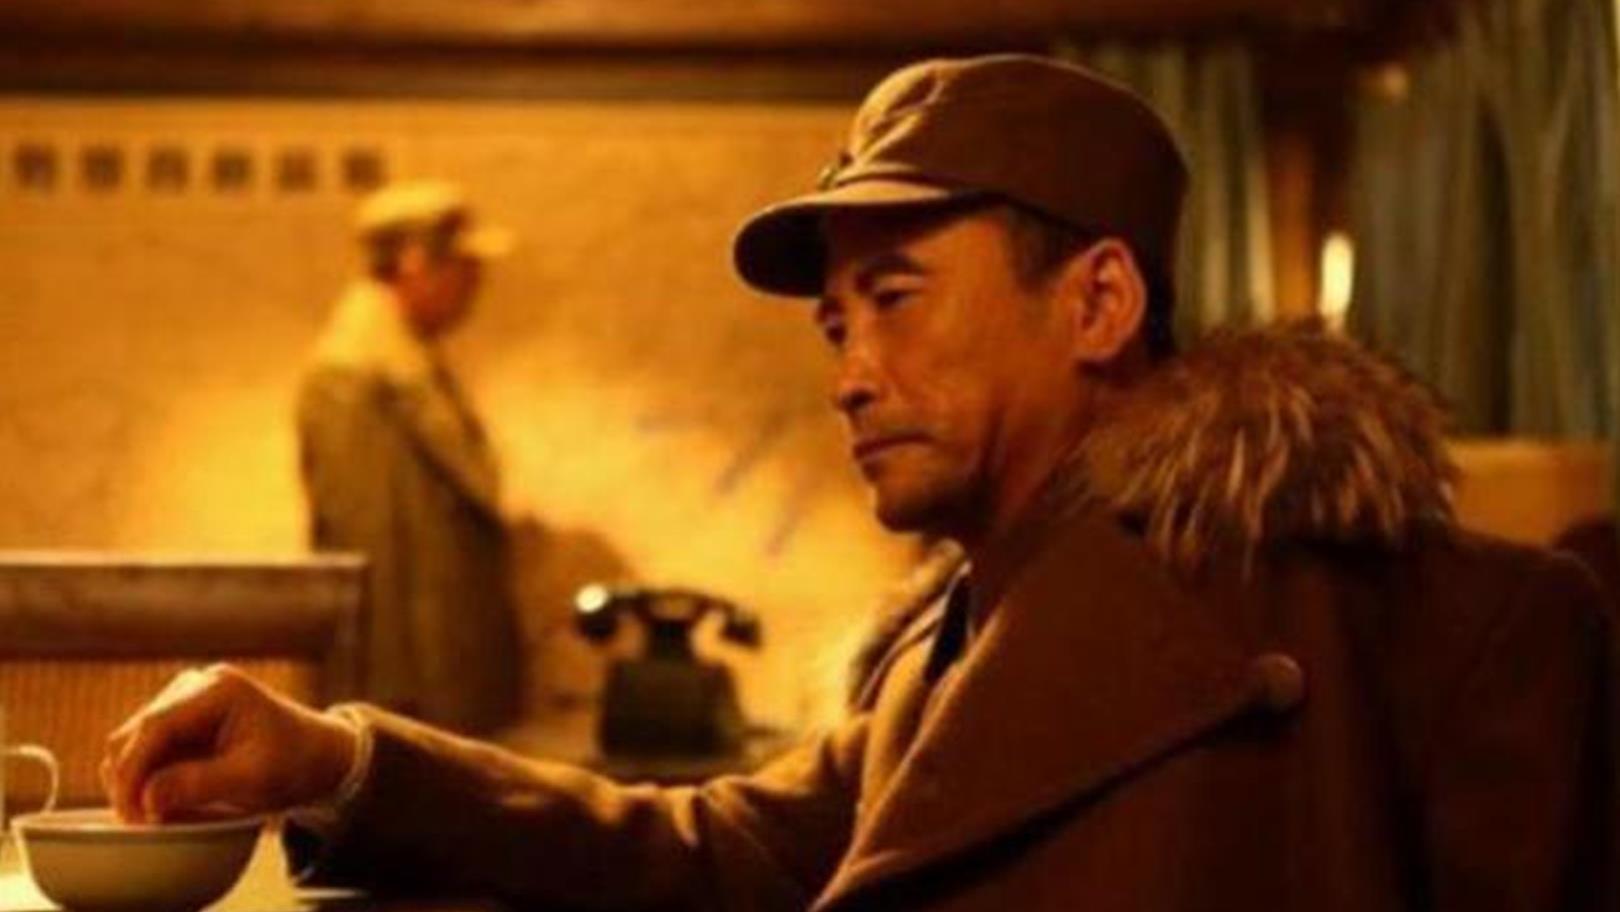 拍《大决战》,杨政委批示:林彪一定要写,不能因过错抹杀贡献